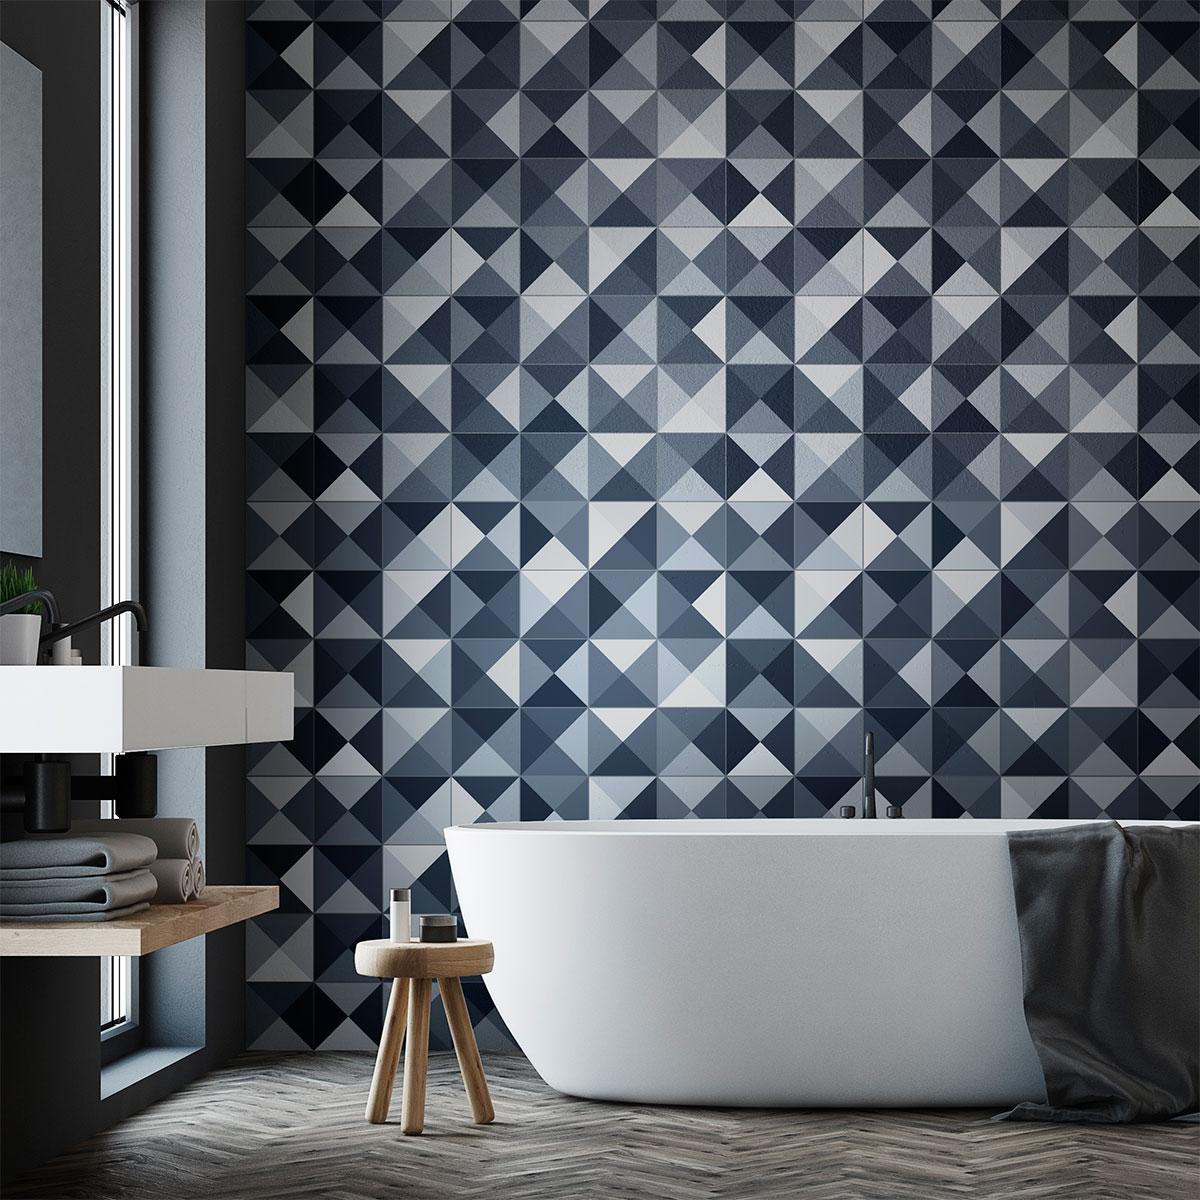 24 stickers carrelages azulejos nuances de gris g om trique art et design artistiques. Black Bedroom Furniture Sets. Home Design Ideas